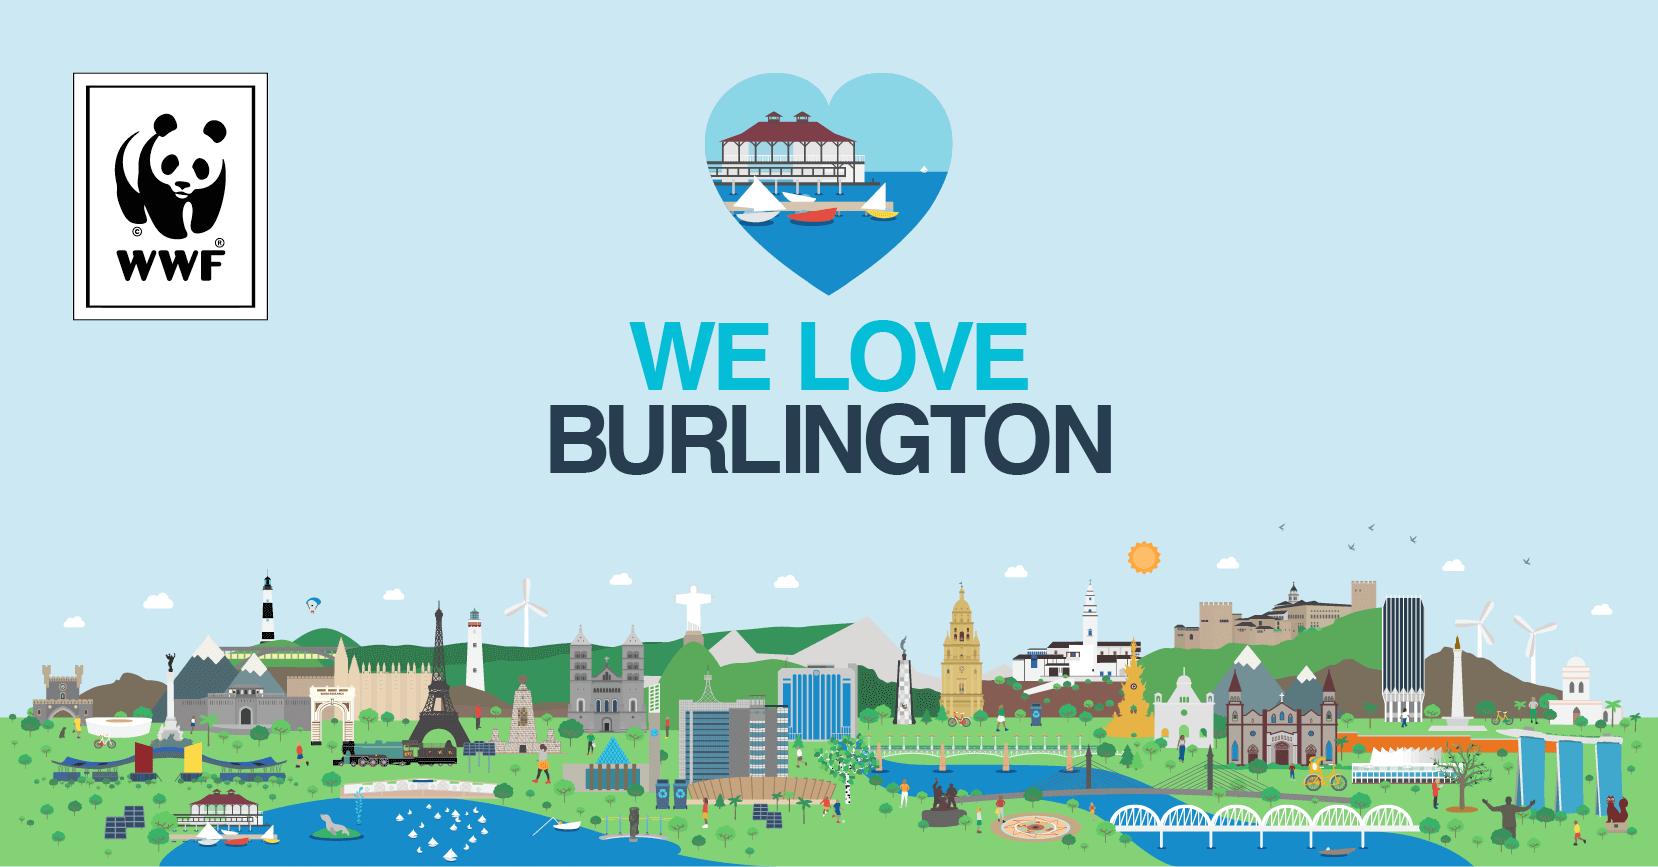 We Love Burlington: Vote Now To Make Burlington, Vermont The Most Sustainable U.S. City!